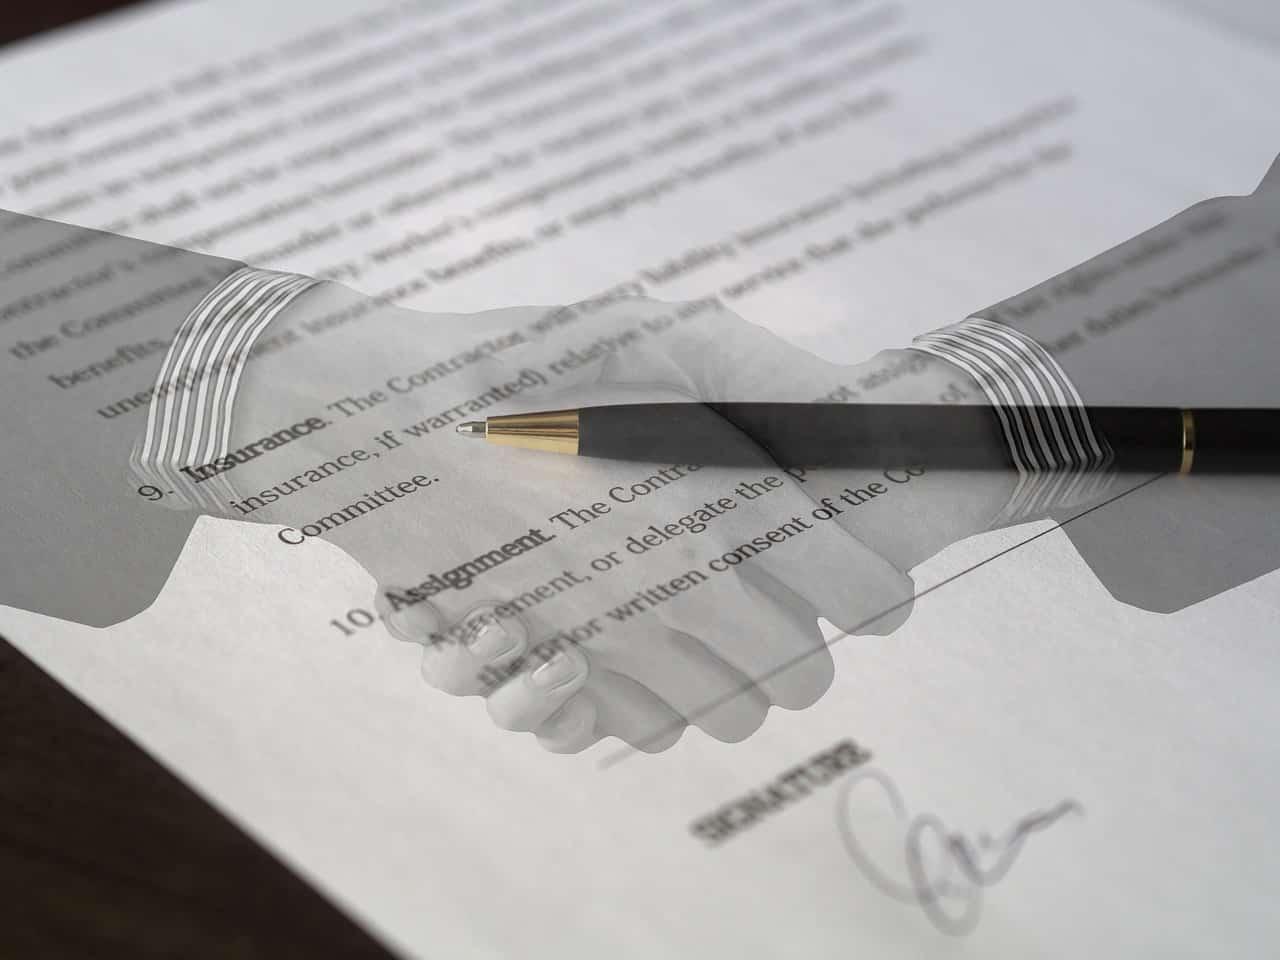 Írásbeli vagy szóbeli szerződés?